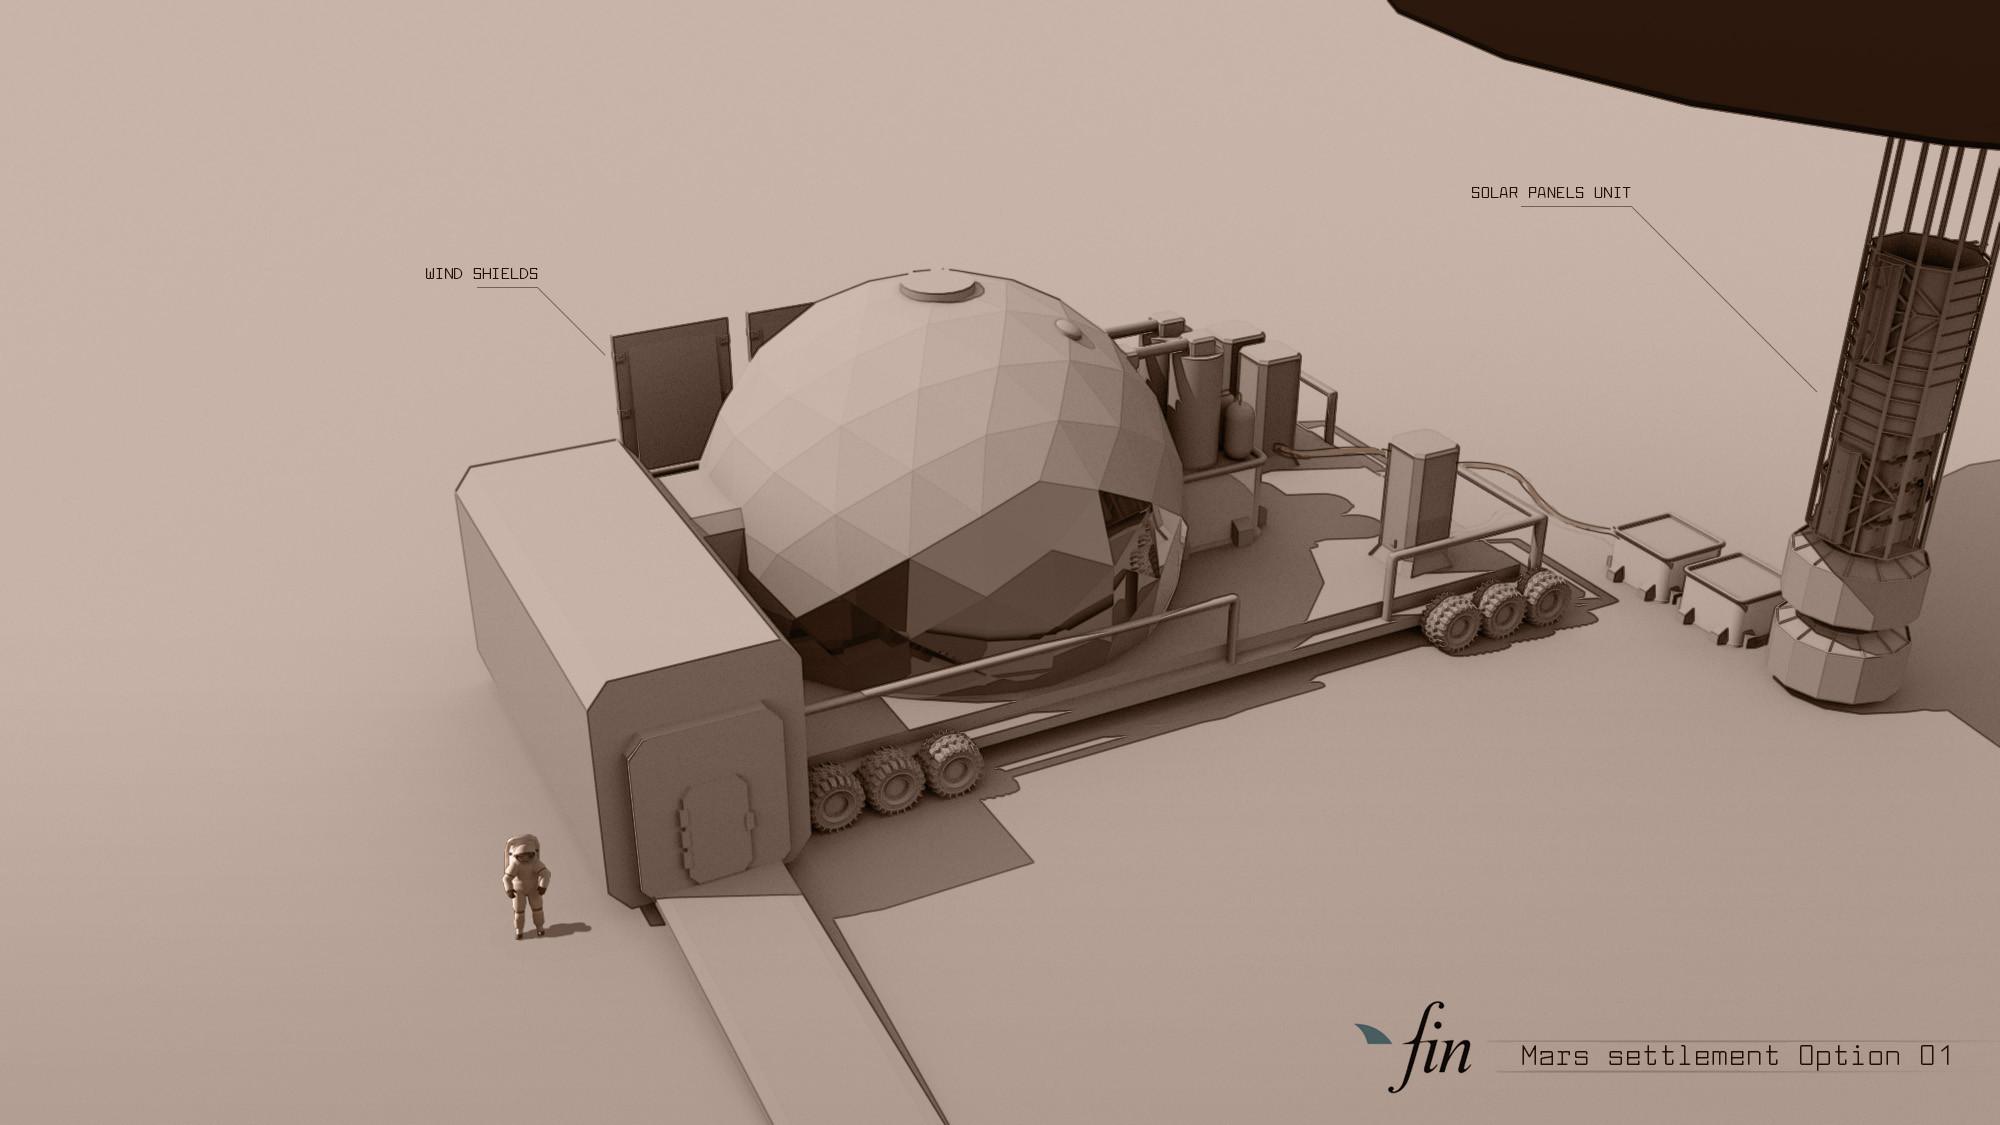 Mars settlement variation 01